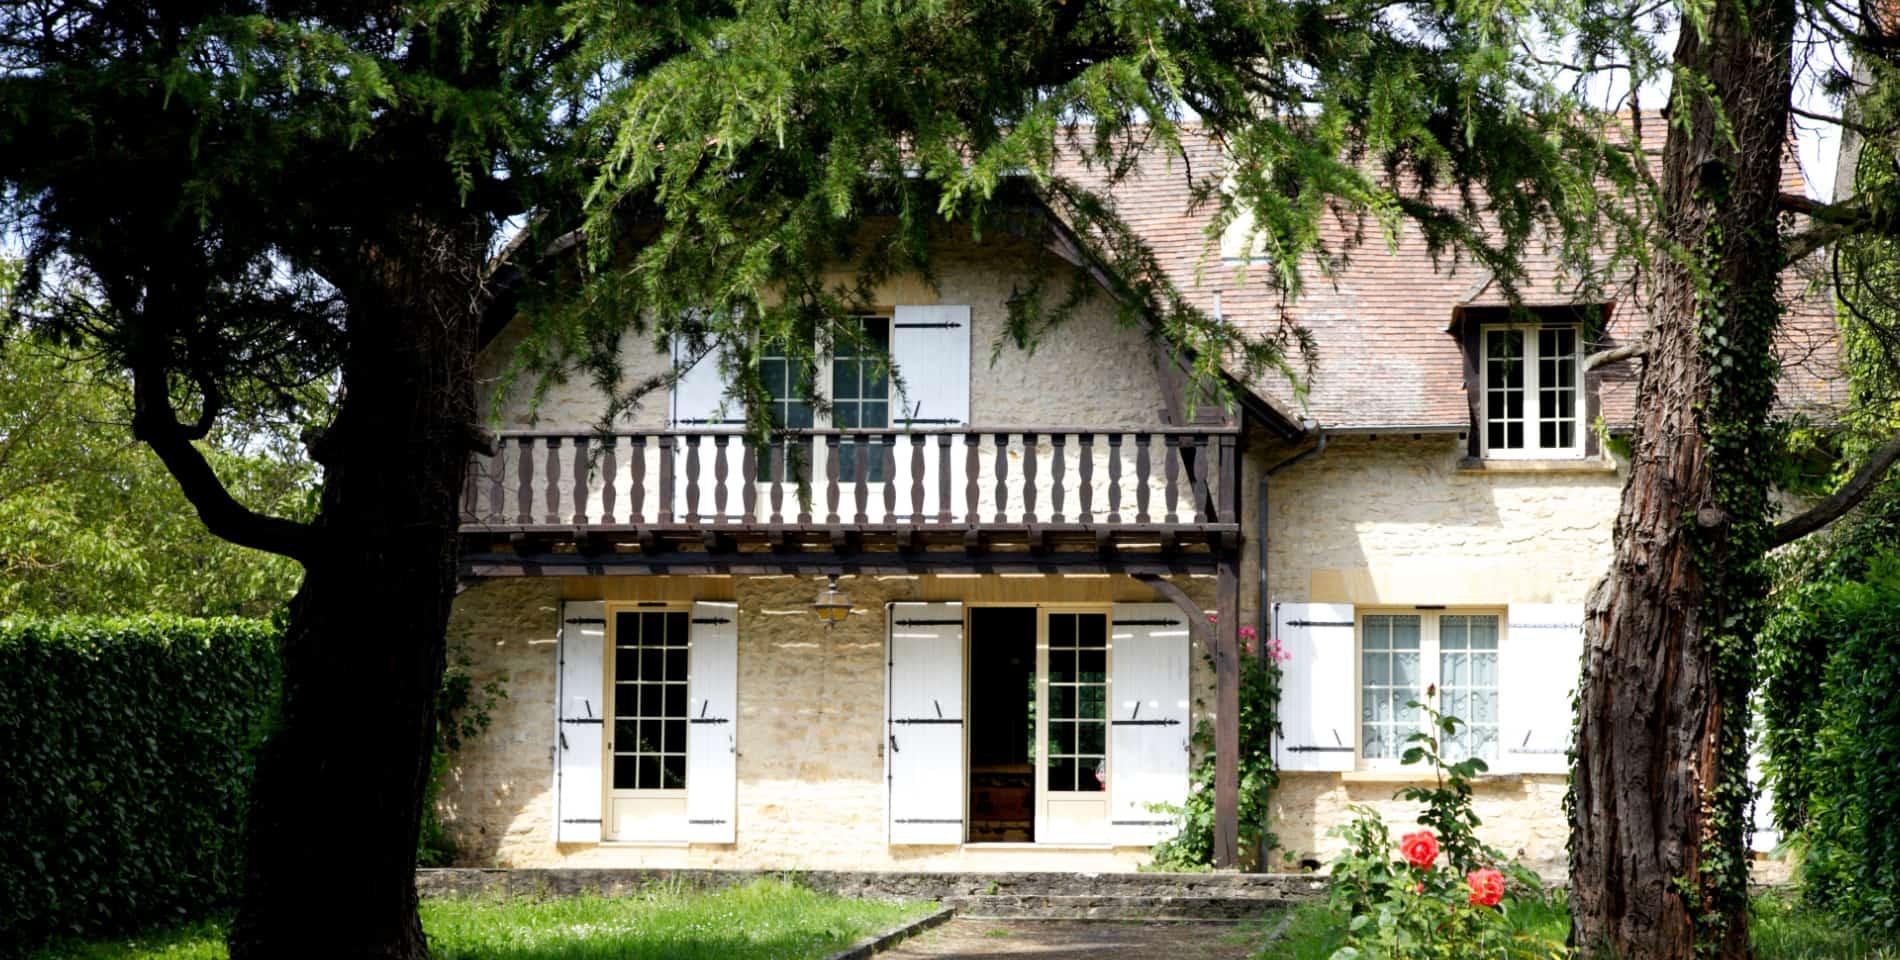 Gite dordogne maison-de-vacances-sarlat-beynac-port-denveaux-location-chambre-piscine